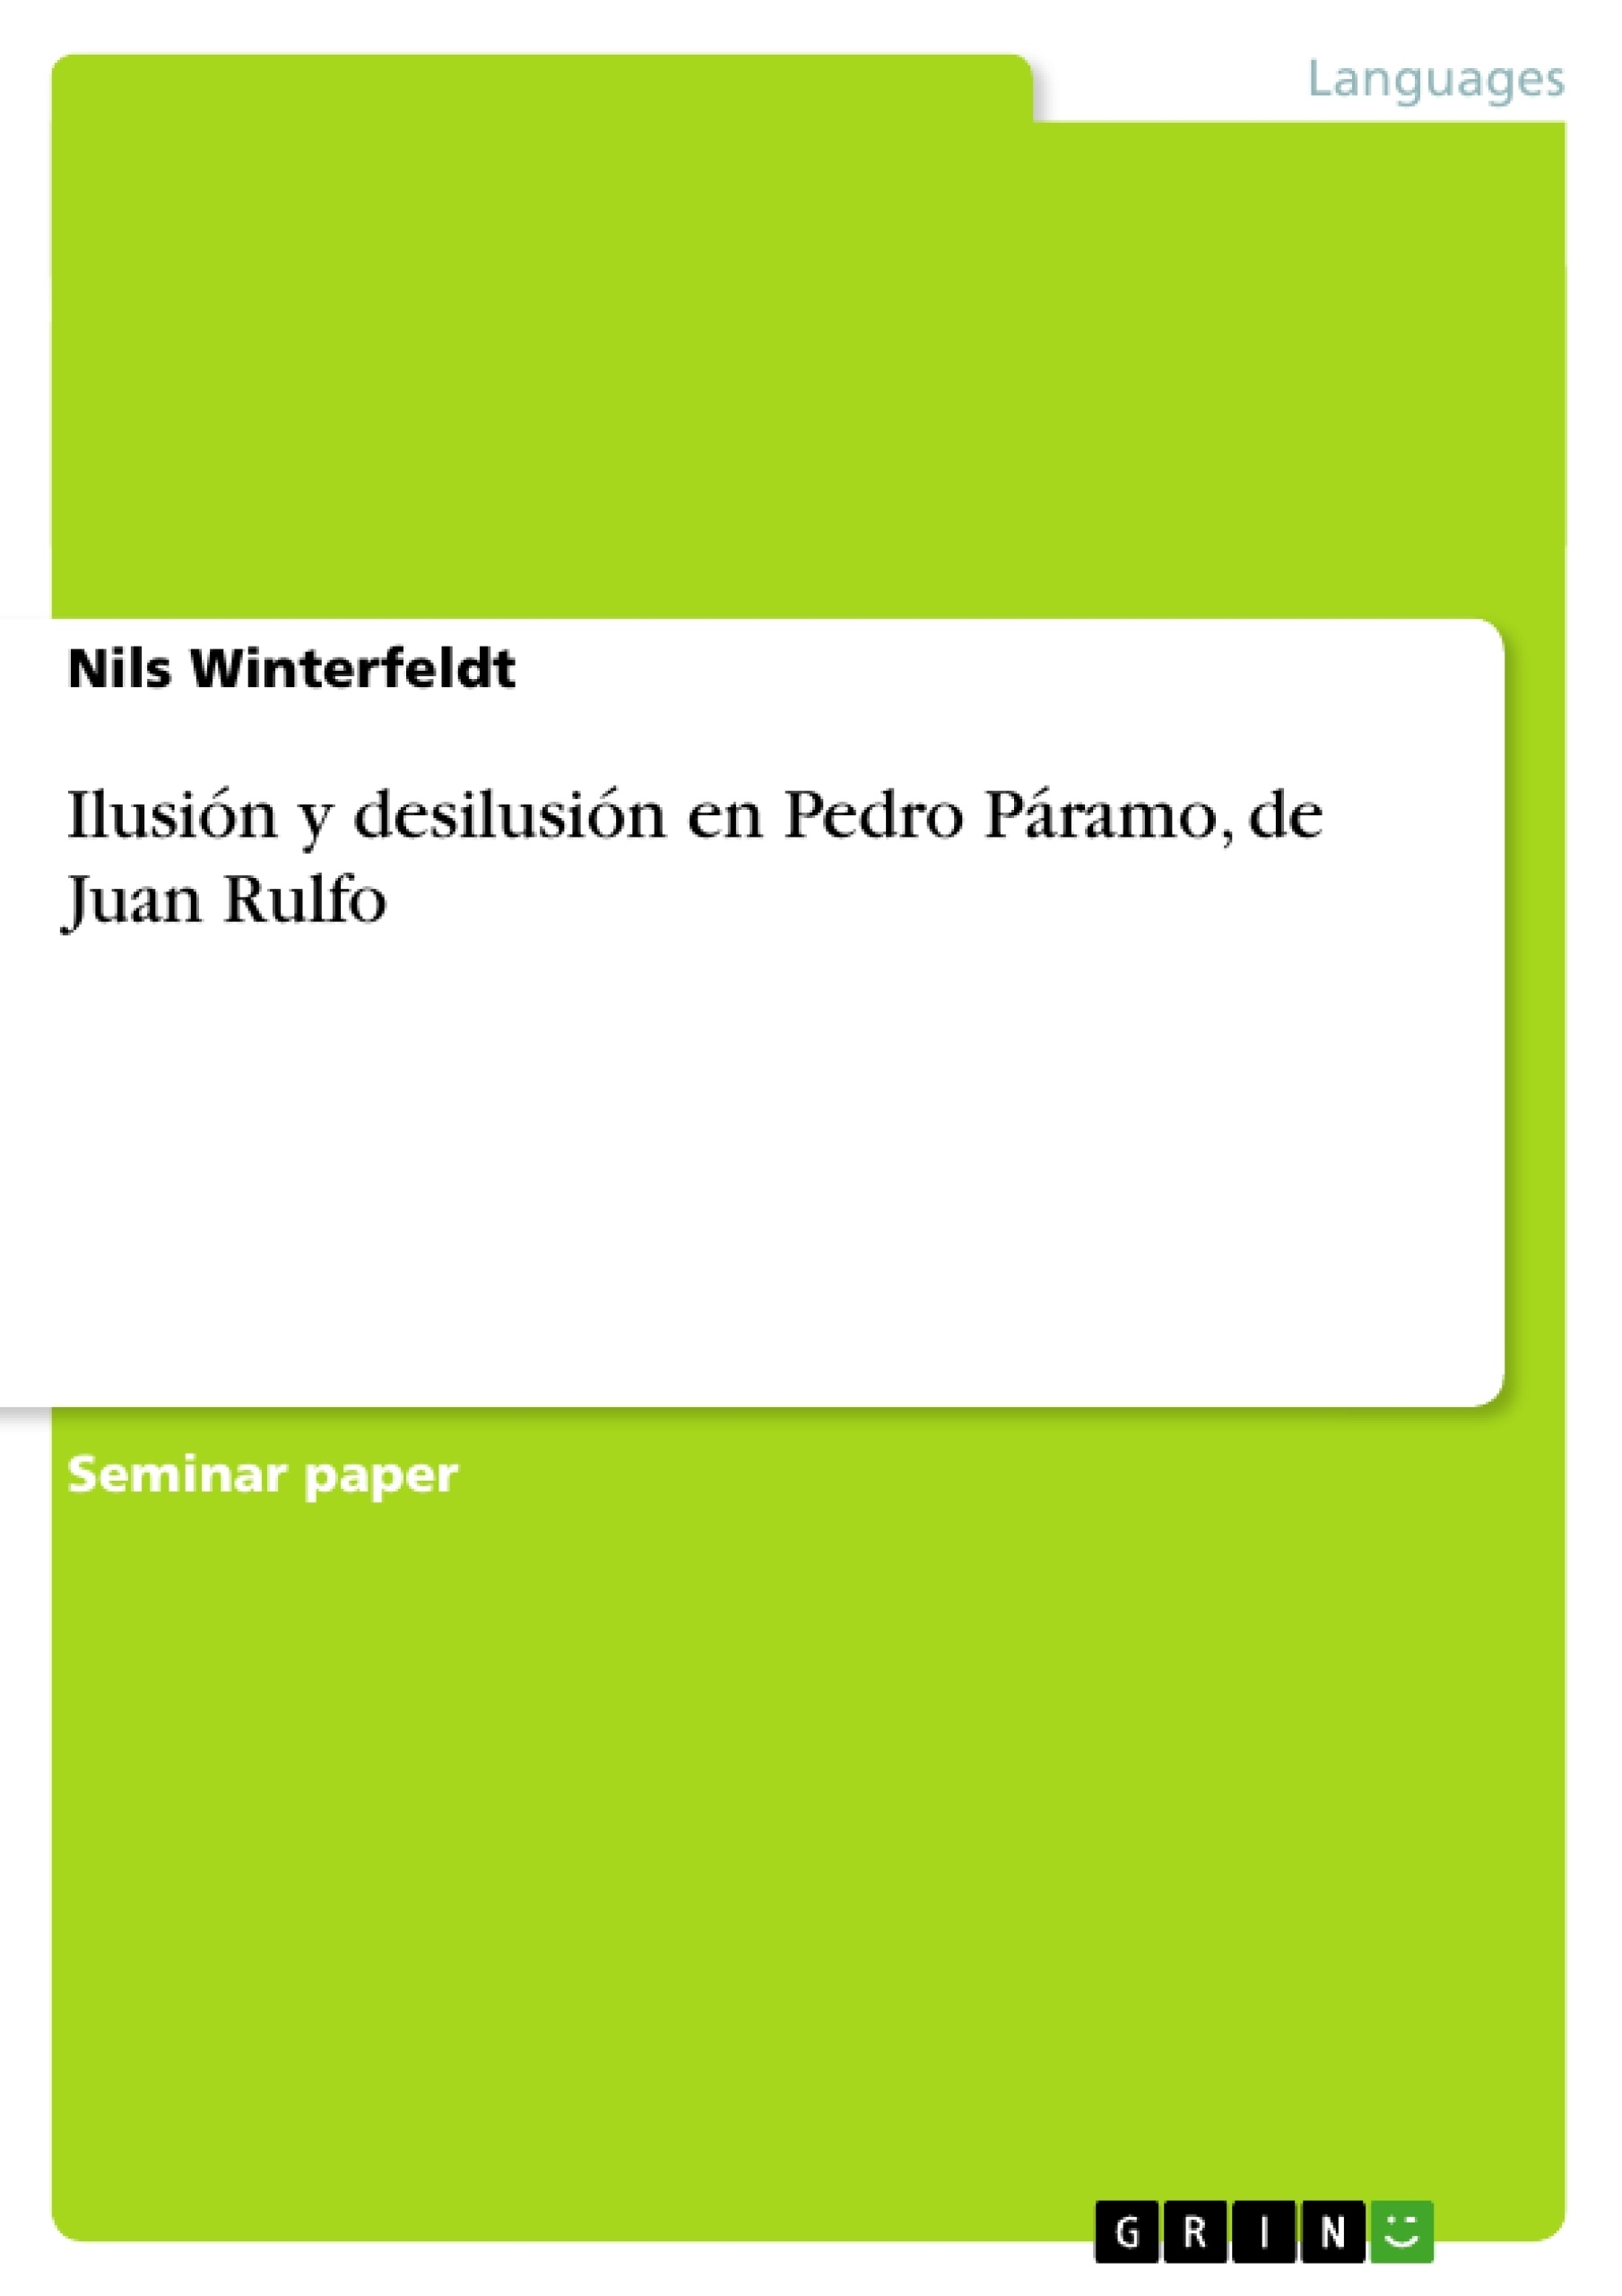 Título: Ilusión y desilusión en Pedro Páramo, de Juan Rulfo